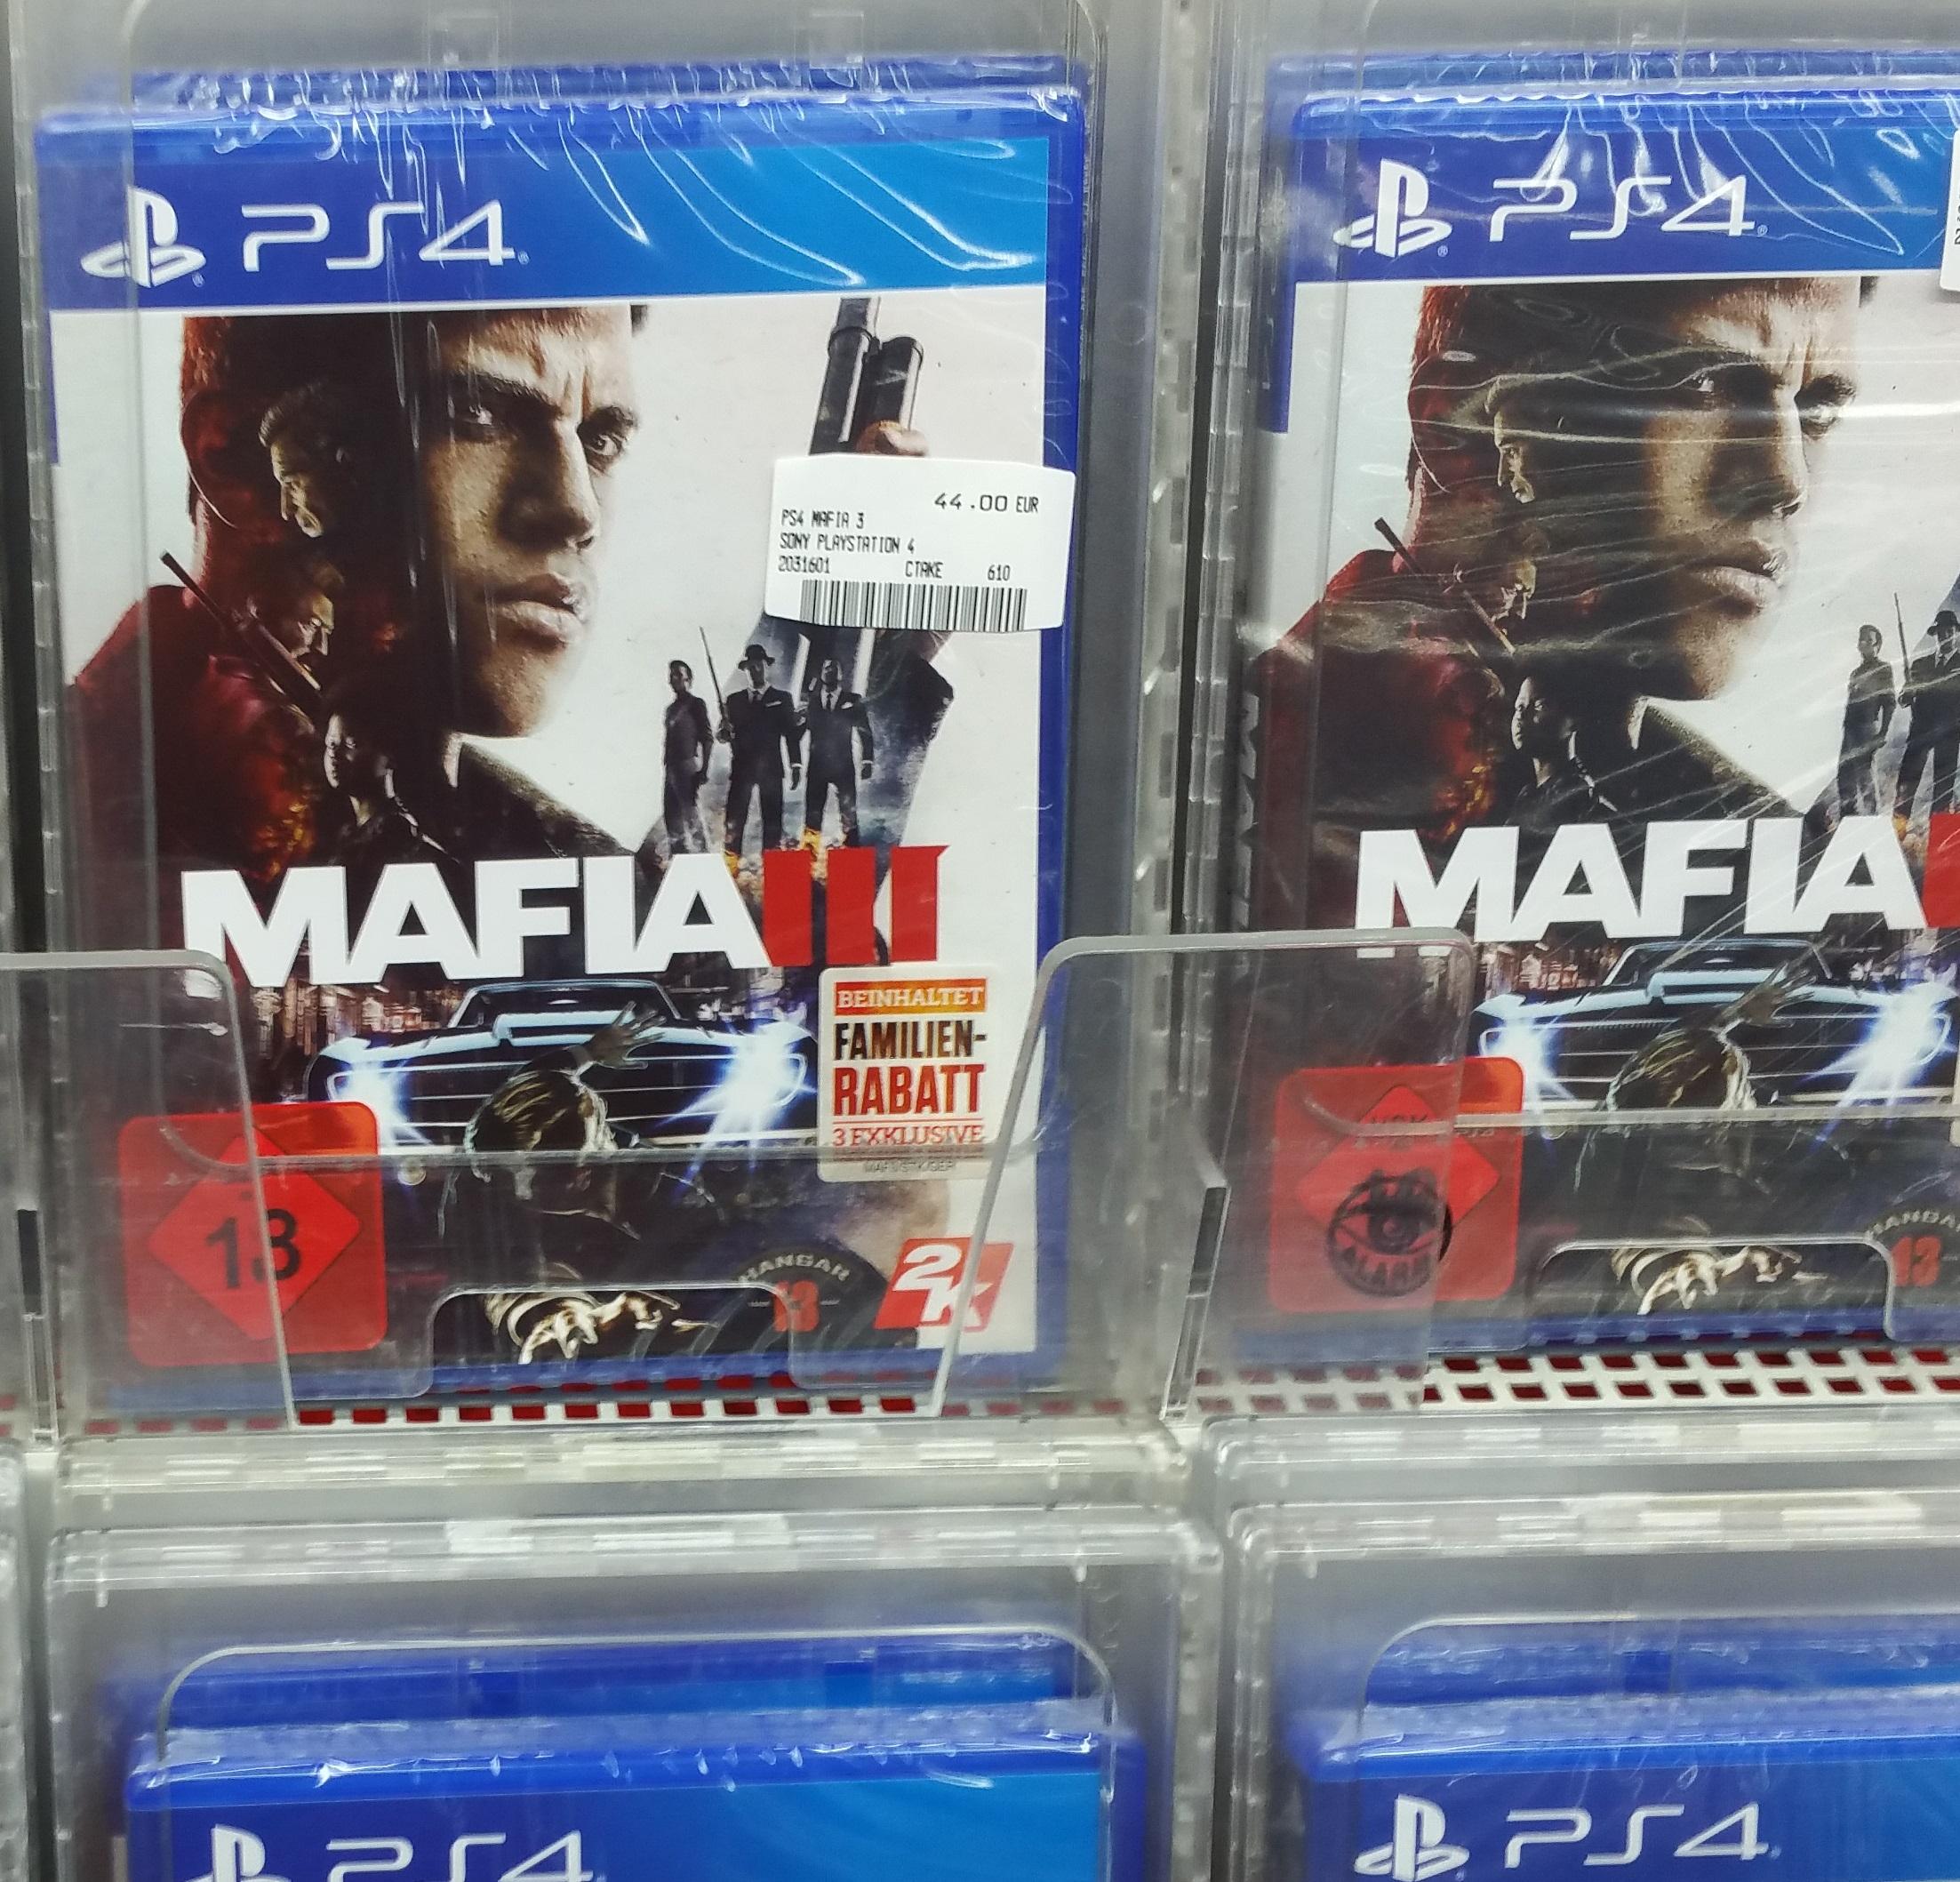 lokal MM Sulzbach (MTZ) Mafia 3 PS4/XBOX ONE 44,-